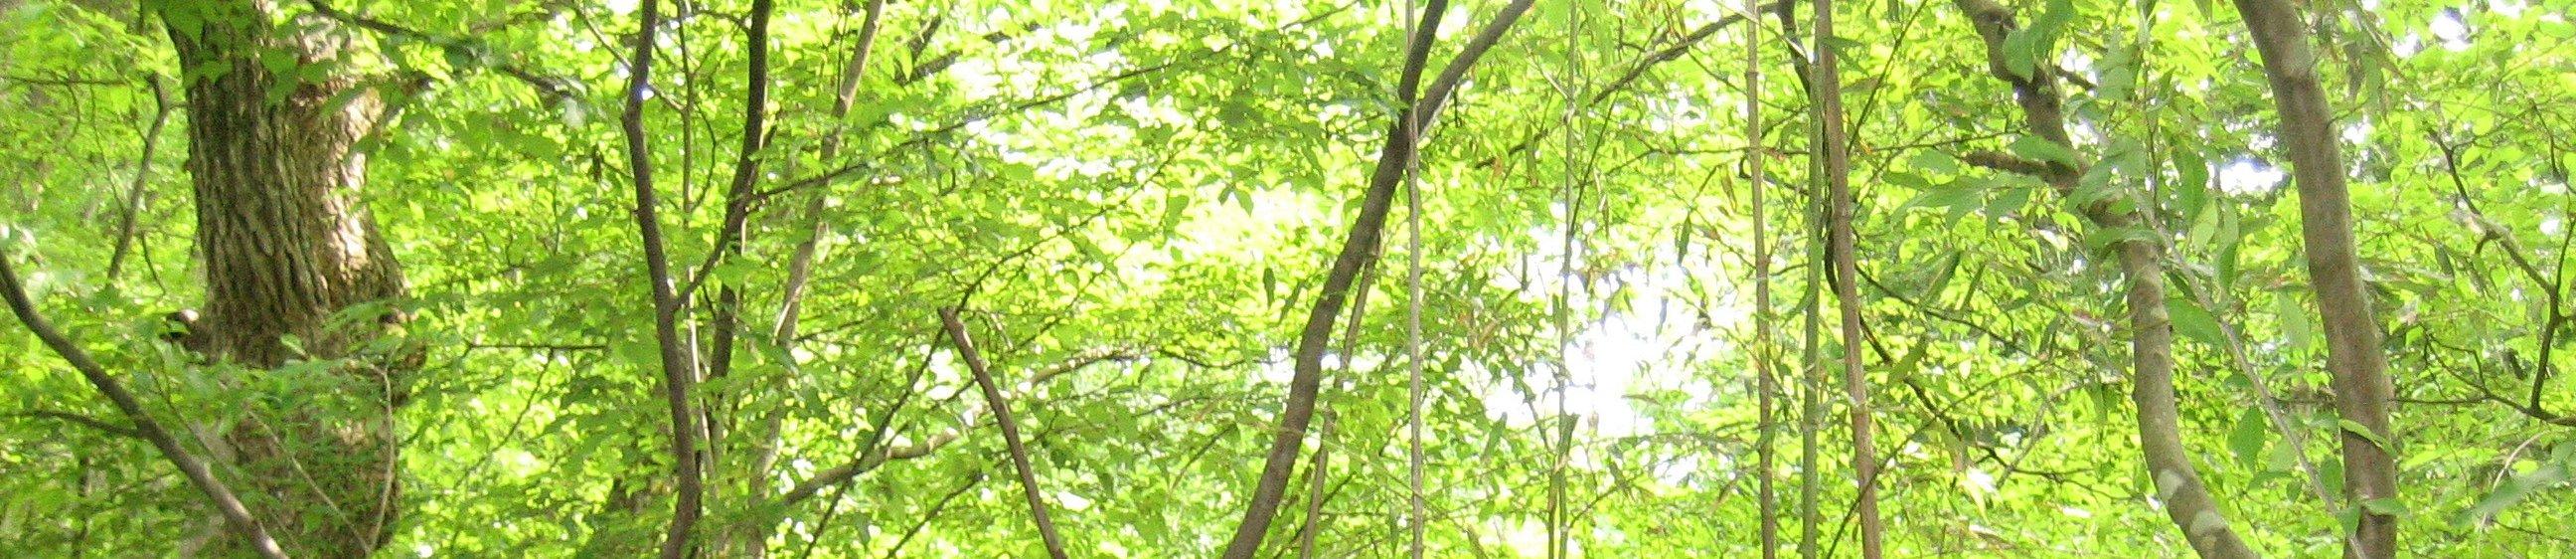 山のふるさと村 banner image